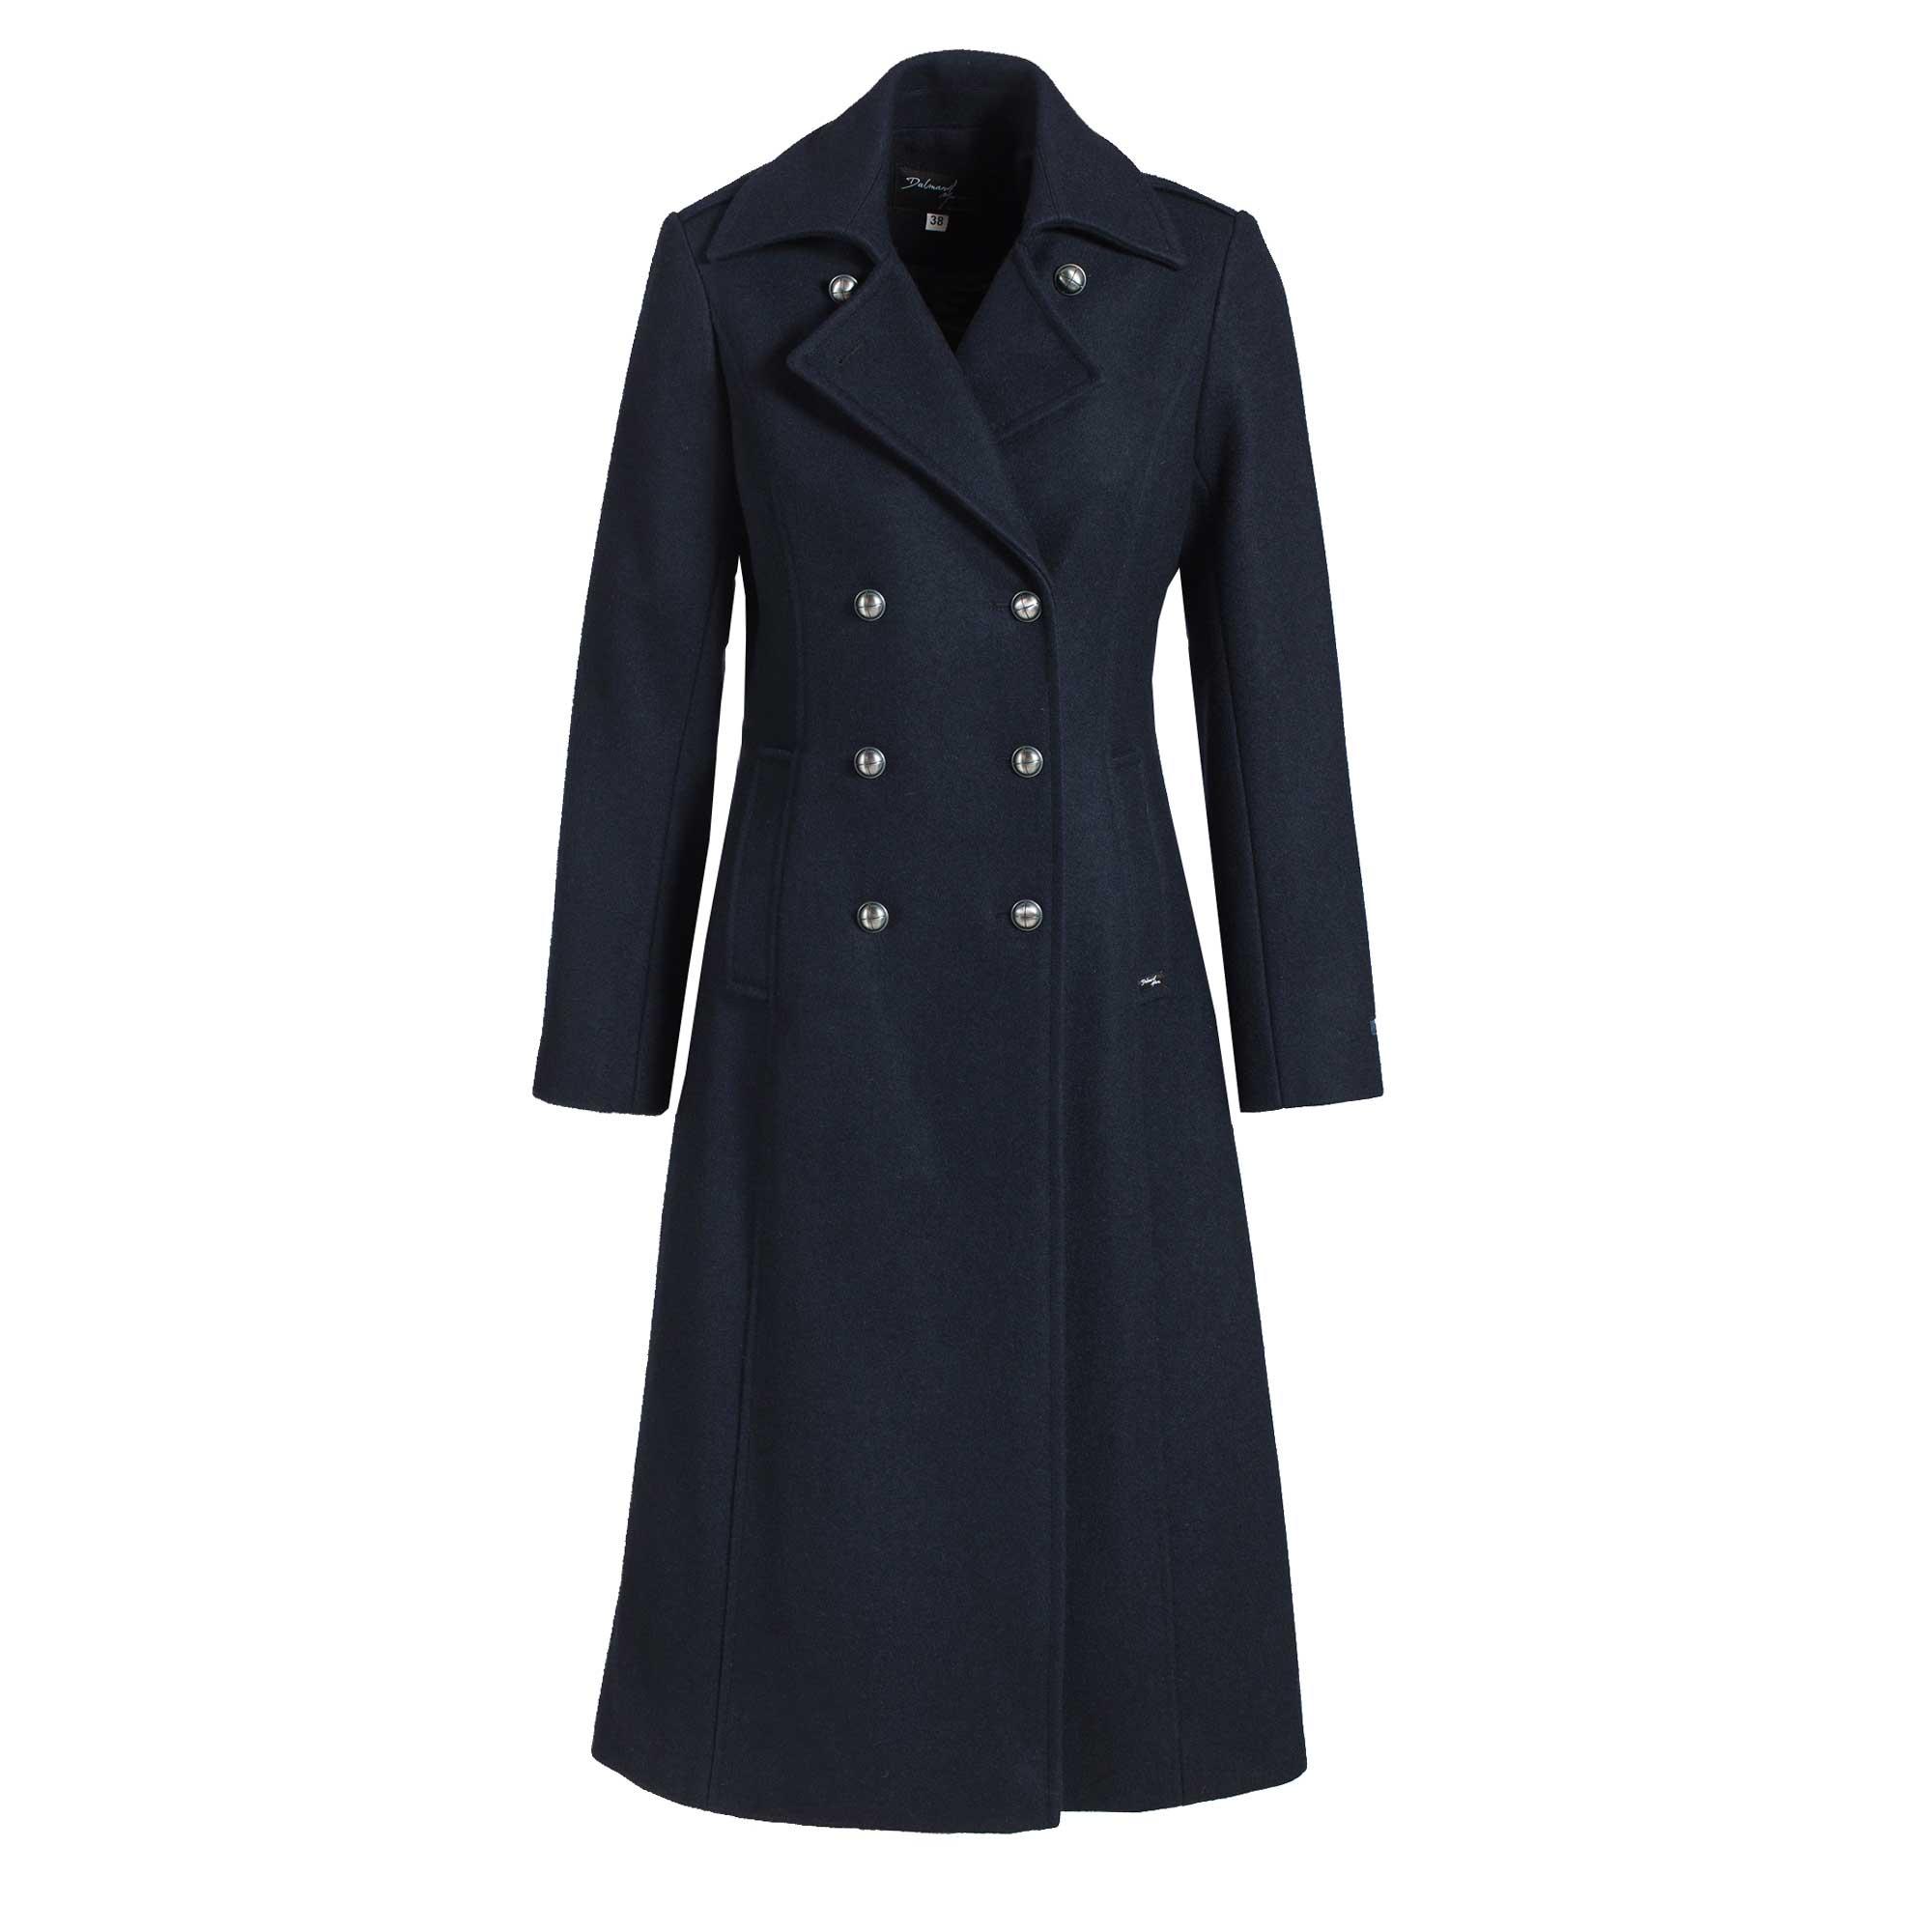 b49524992635 Article - Manteau long femme en drap de laine